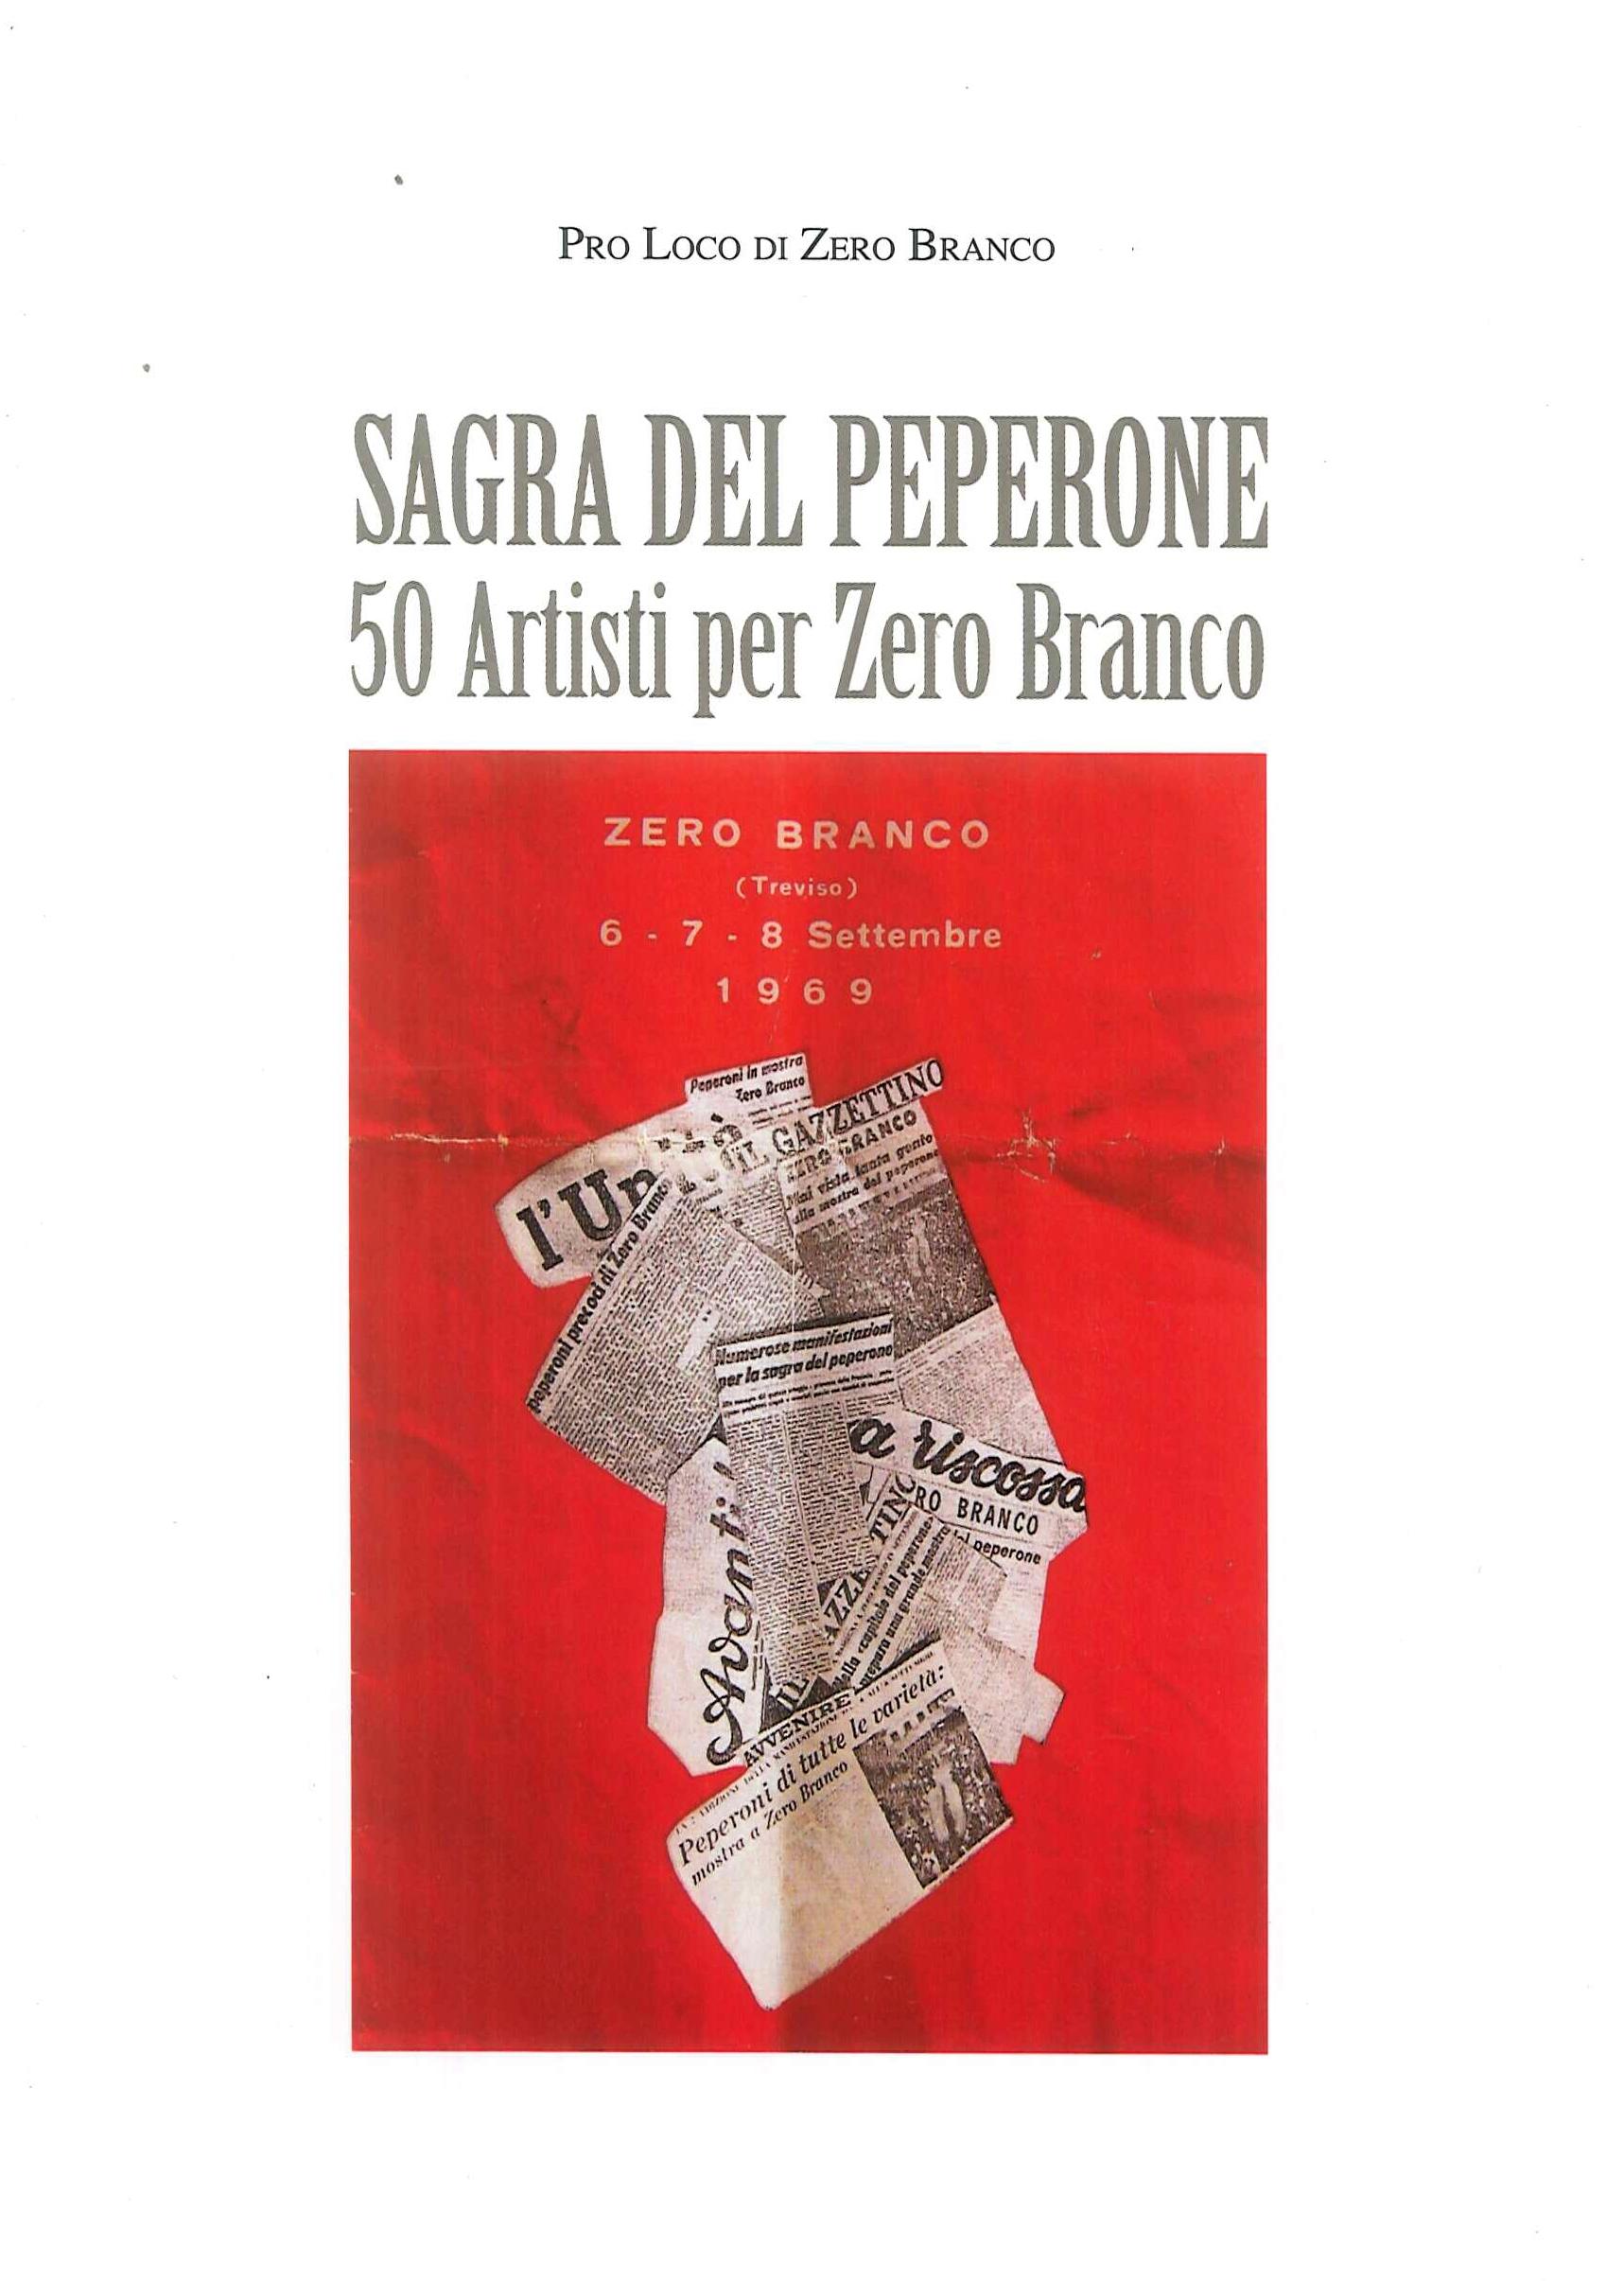 Sagra del peperone. 50 artisti per Zero Branco